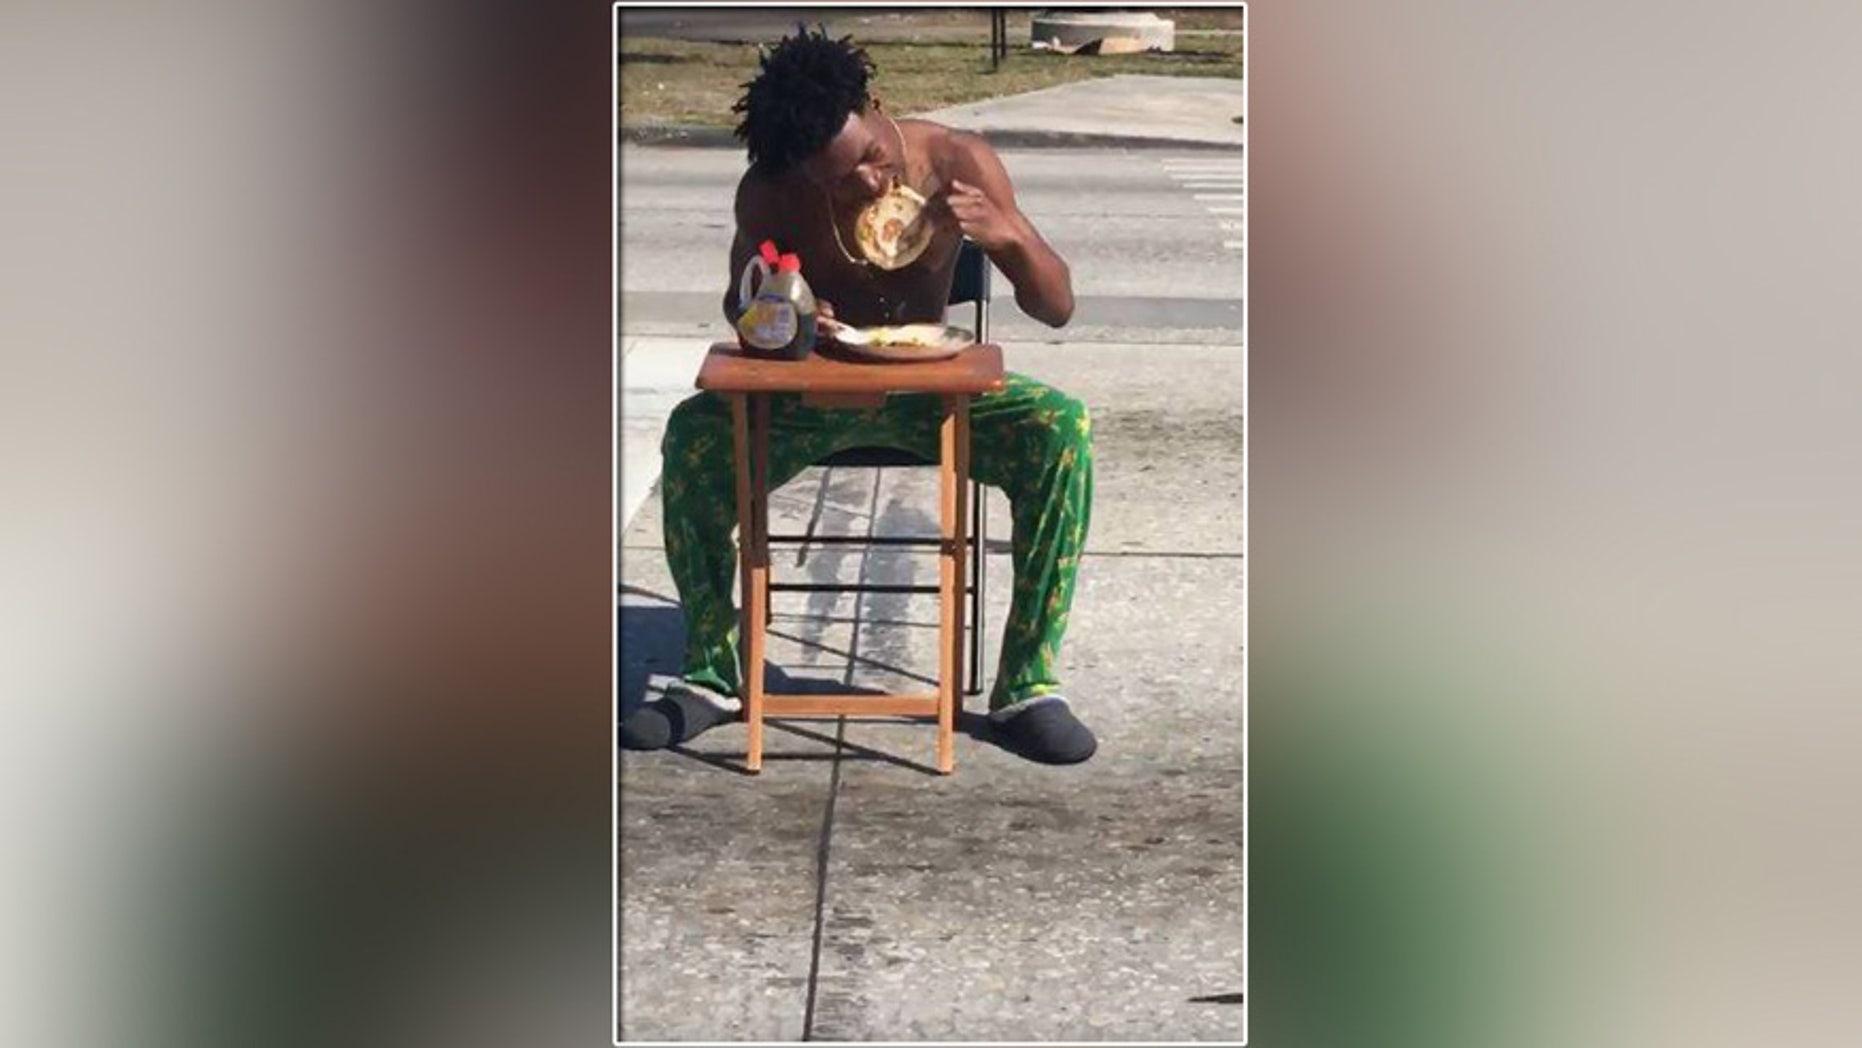 Police came down on Kiaron Thomas for enjoying his pancakes too publicly.